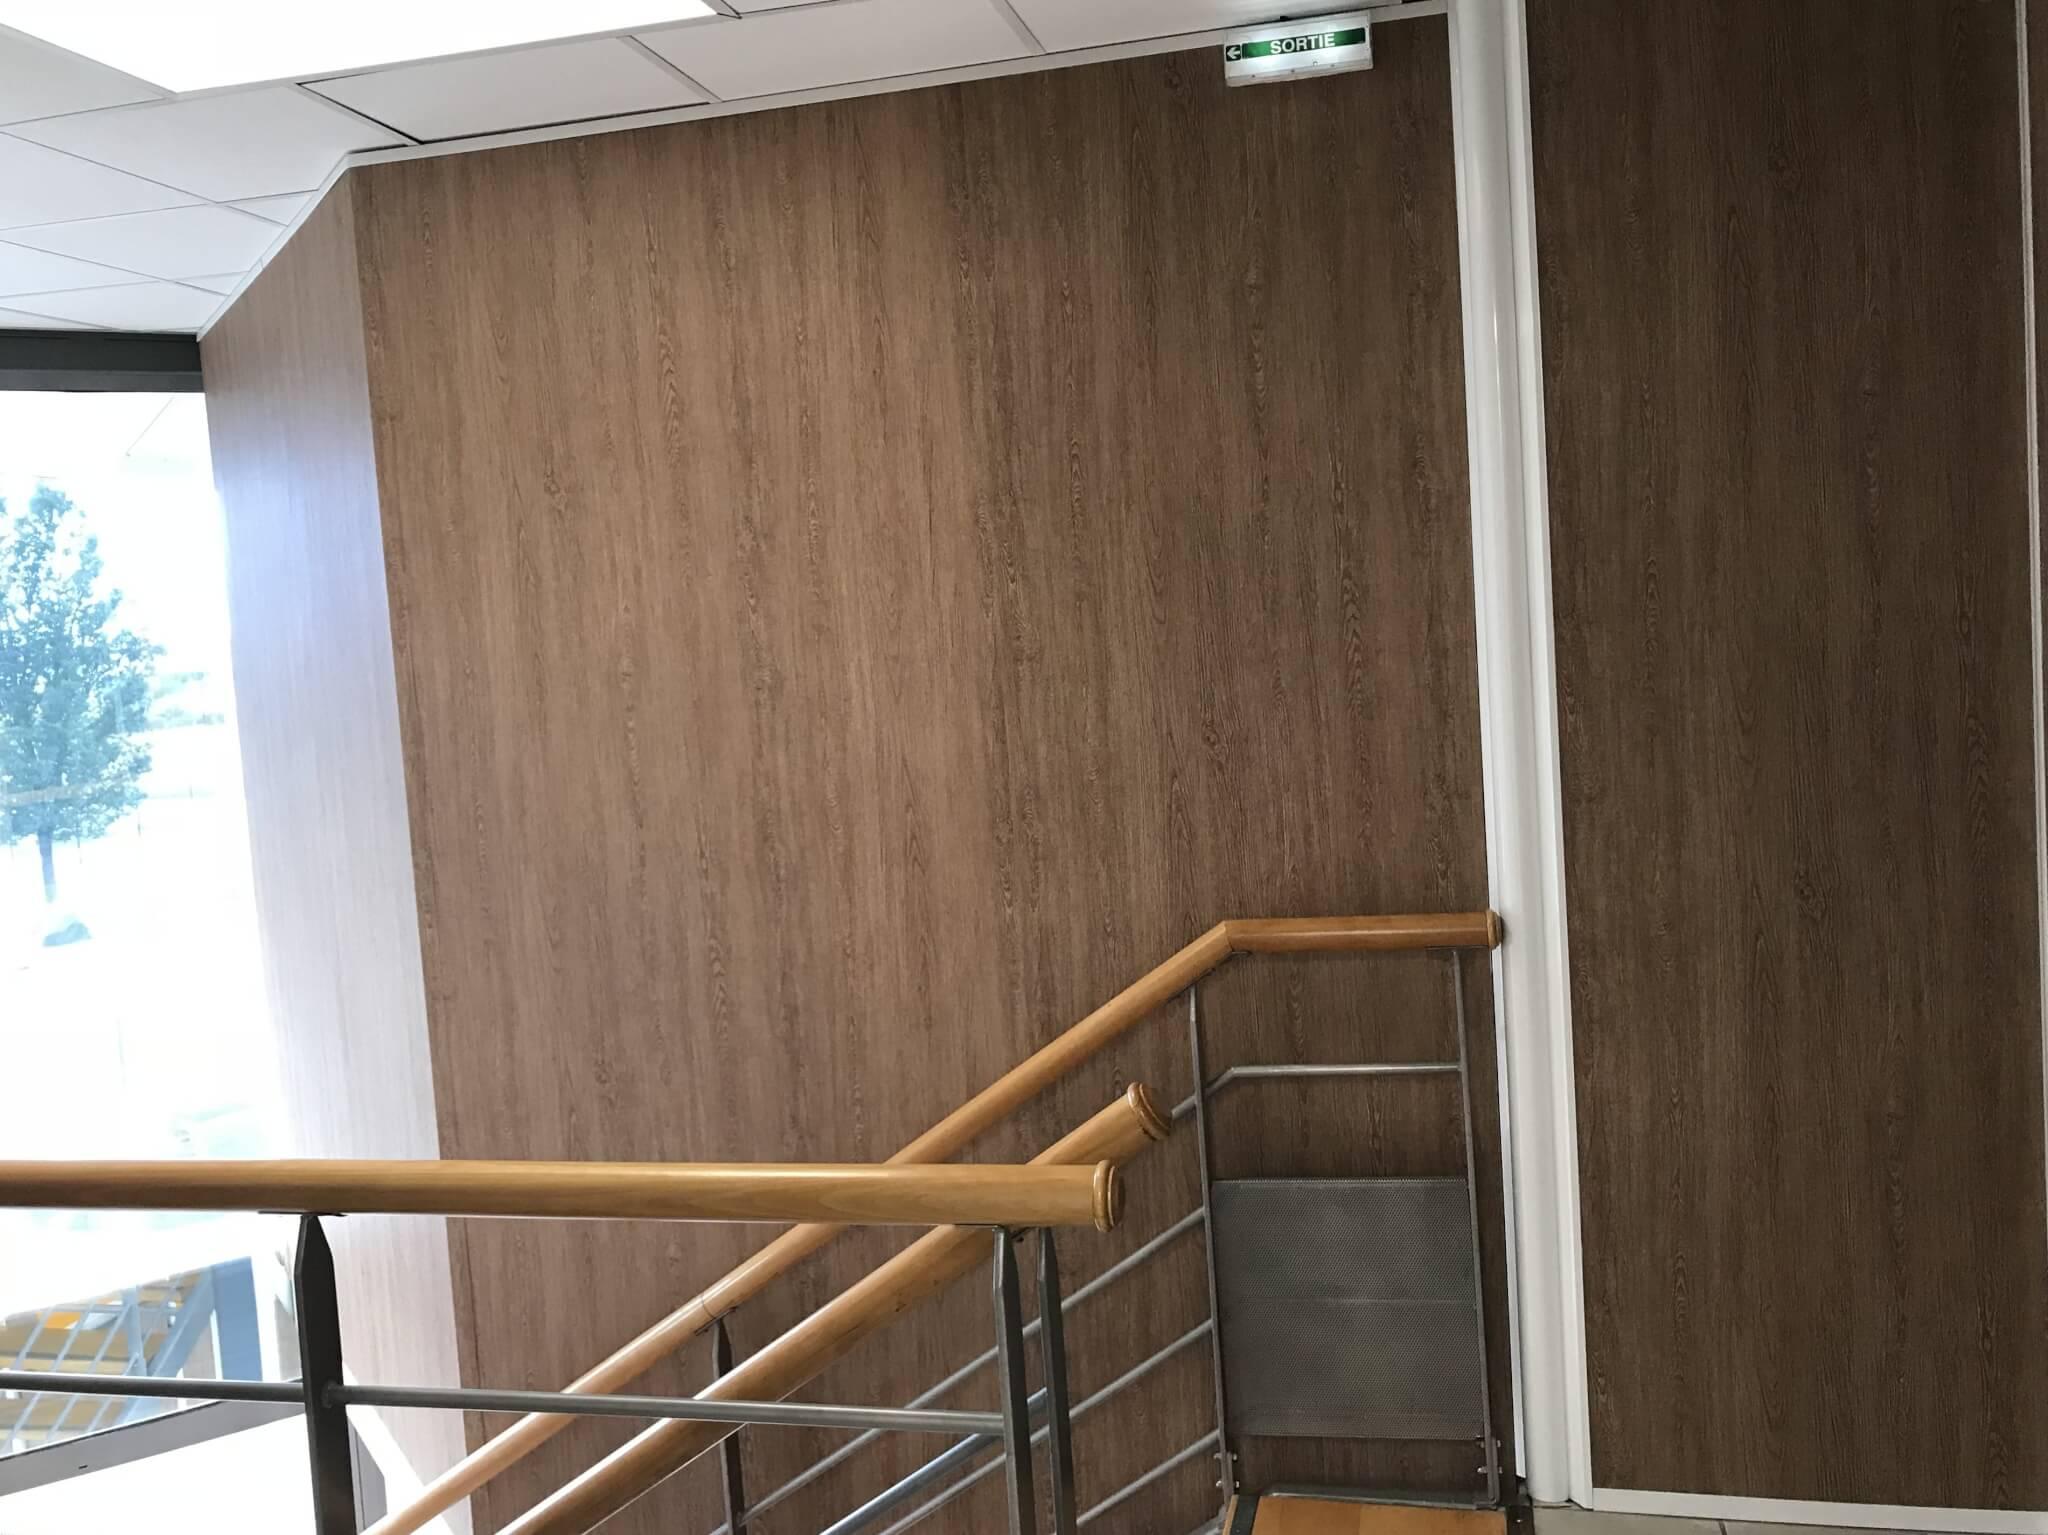 Vos enseignes à Lyon - Décoration murale Bureaux siège Cerise et Potiron - Adhésif impression imitation bois